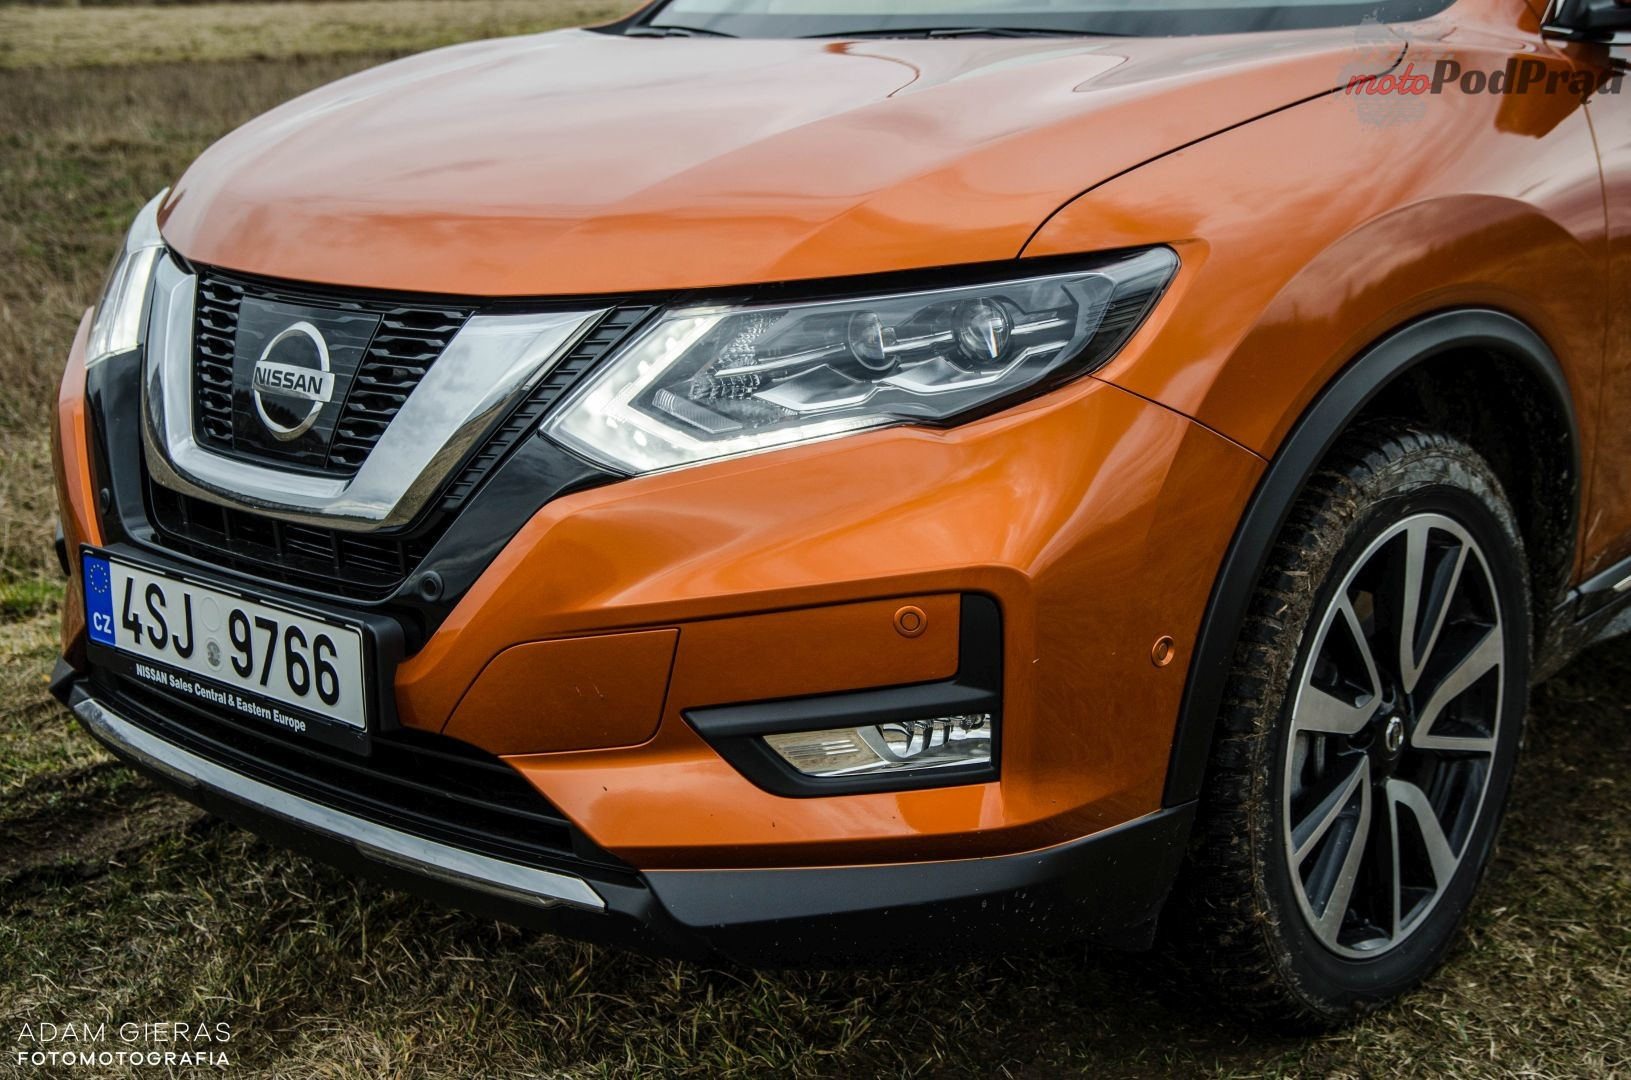 xtrail 2 Test: Nissan X trail 2.0 dCi 177 KM Tekna   jeżeli SUV, to taki